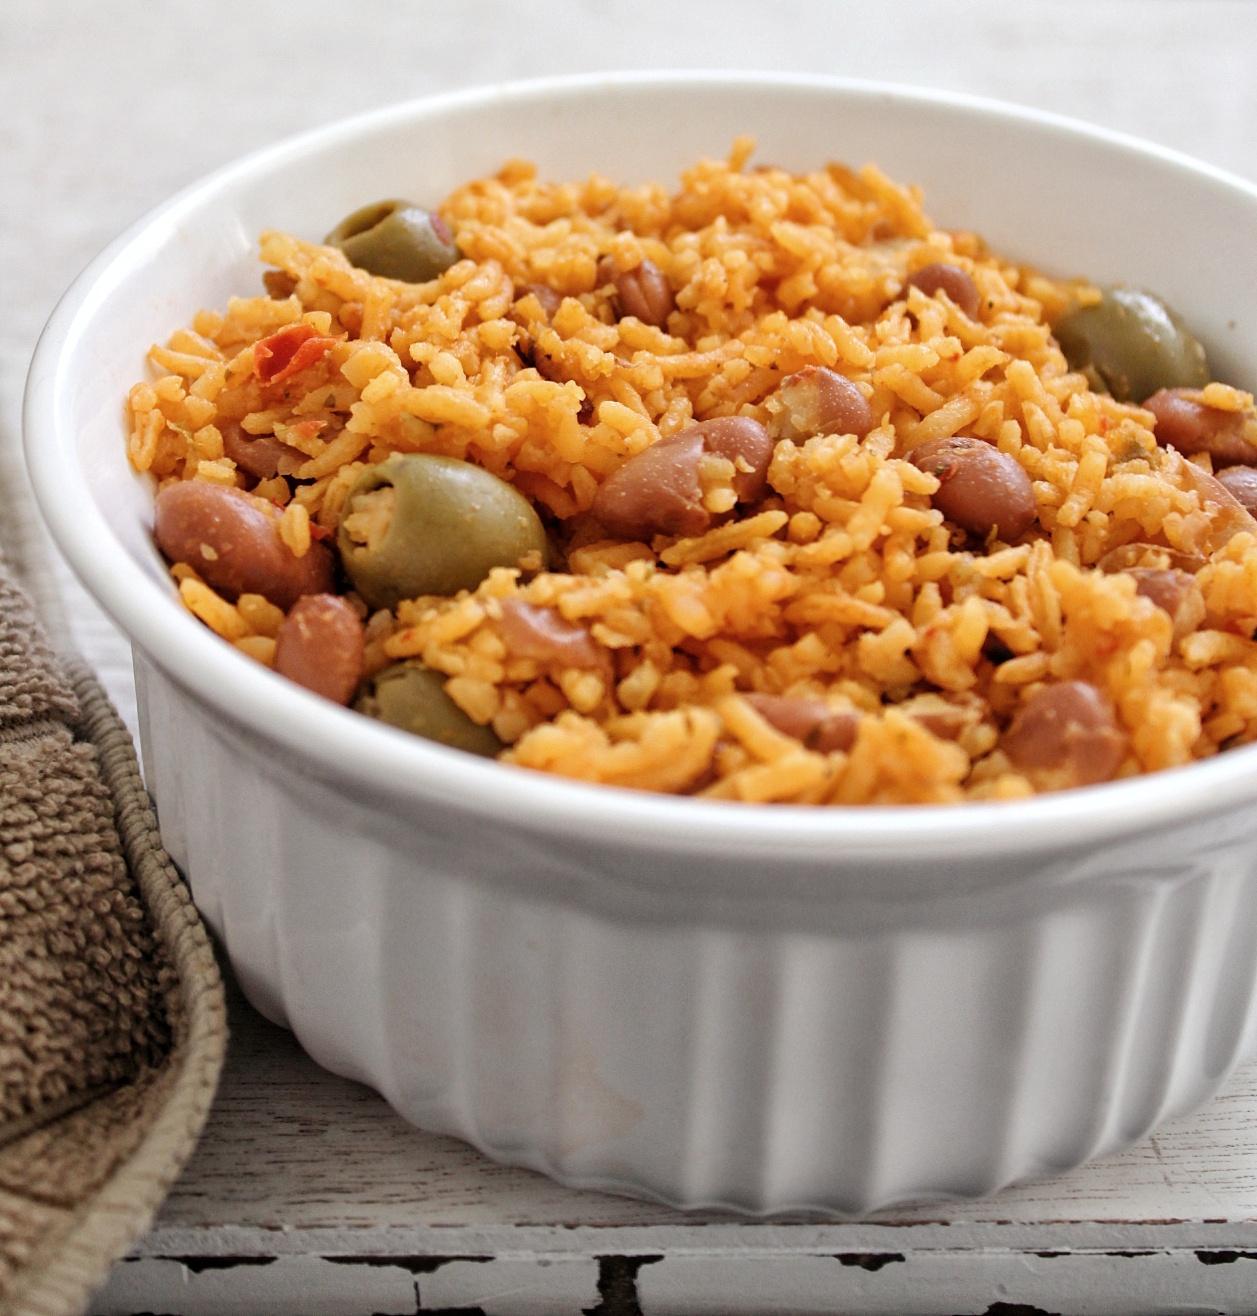 Puerto Rican arroz con habichuelas in a small bowl